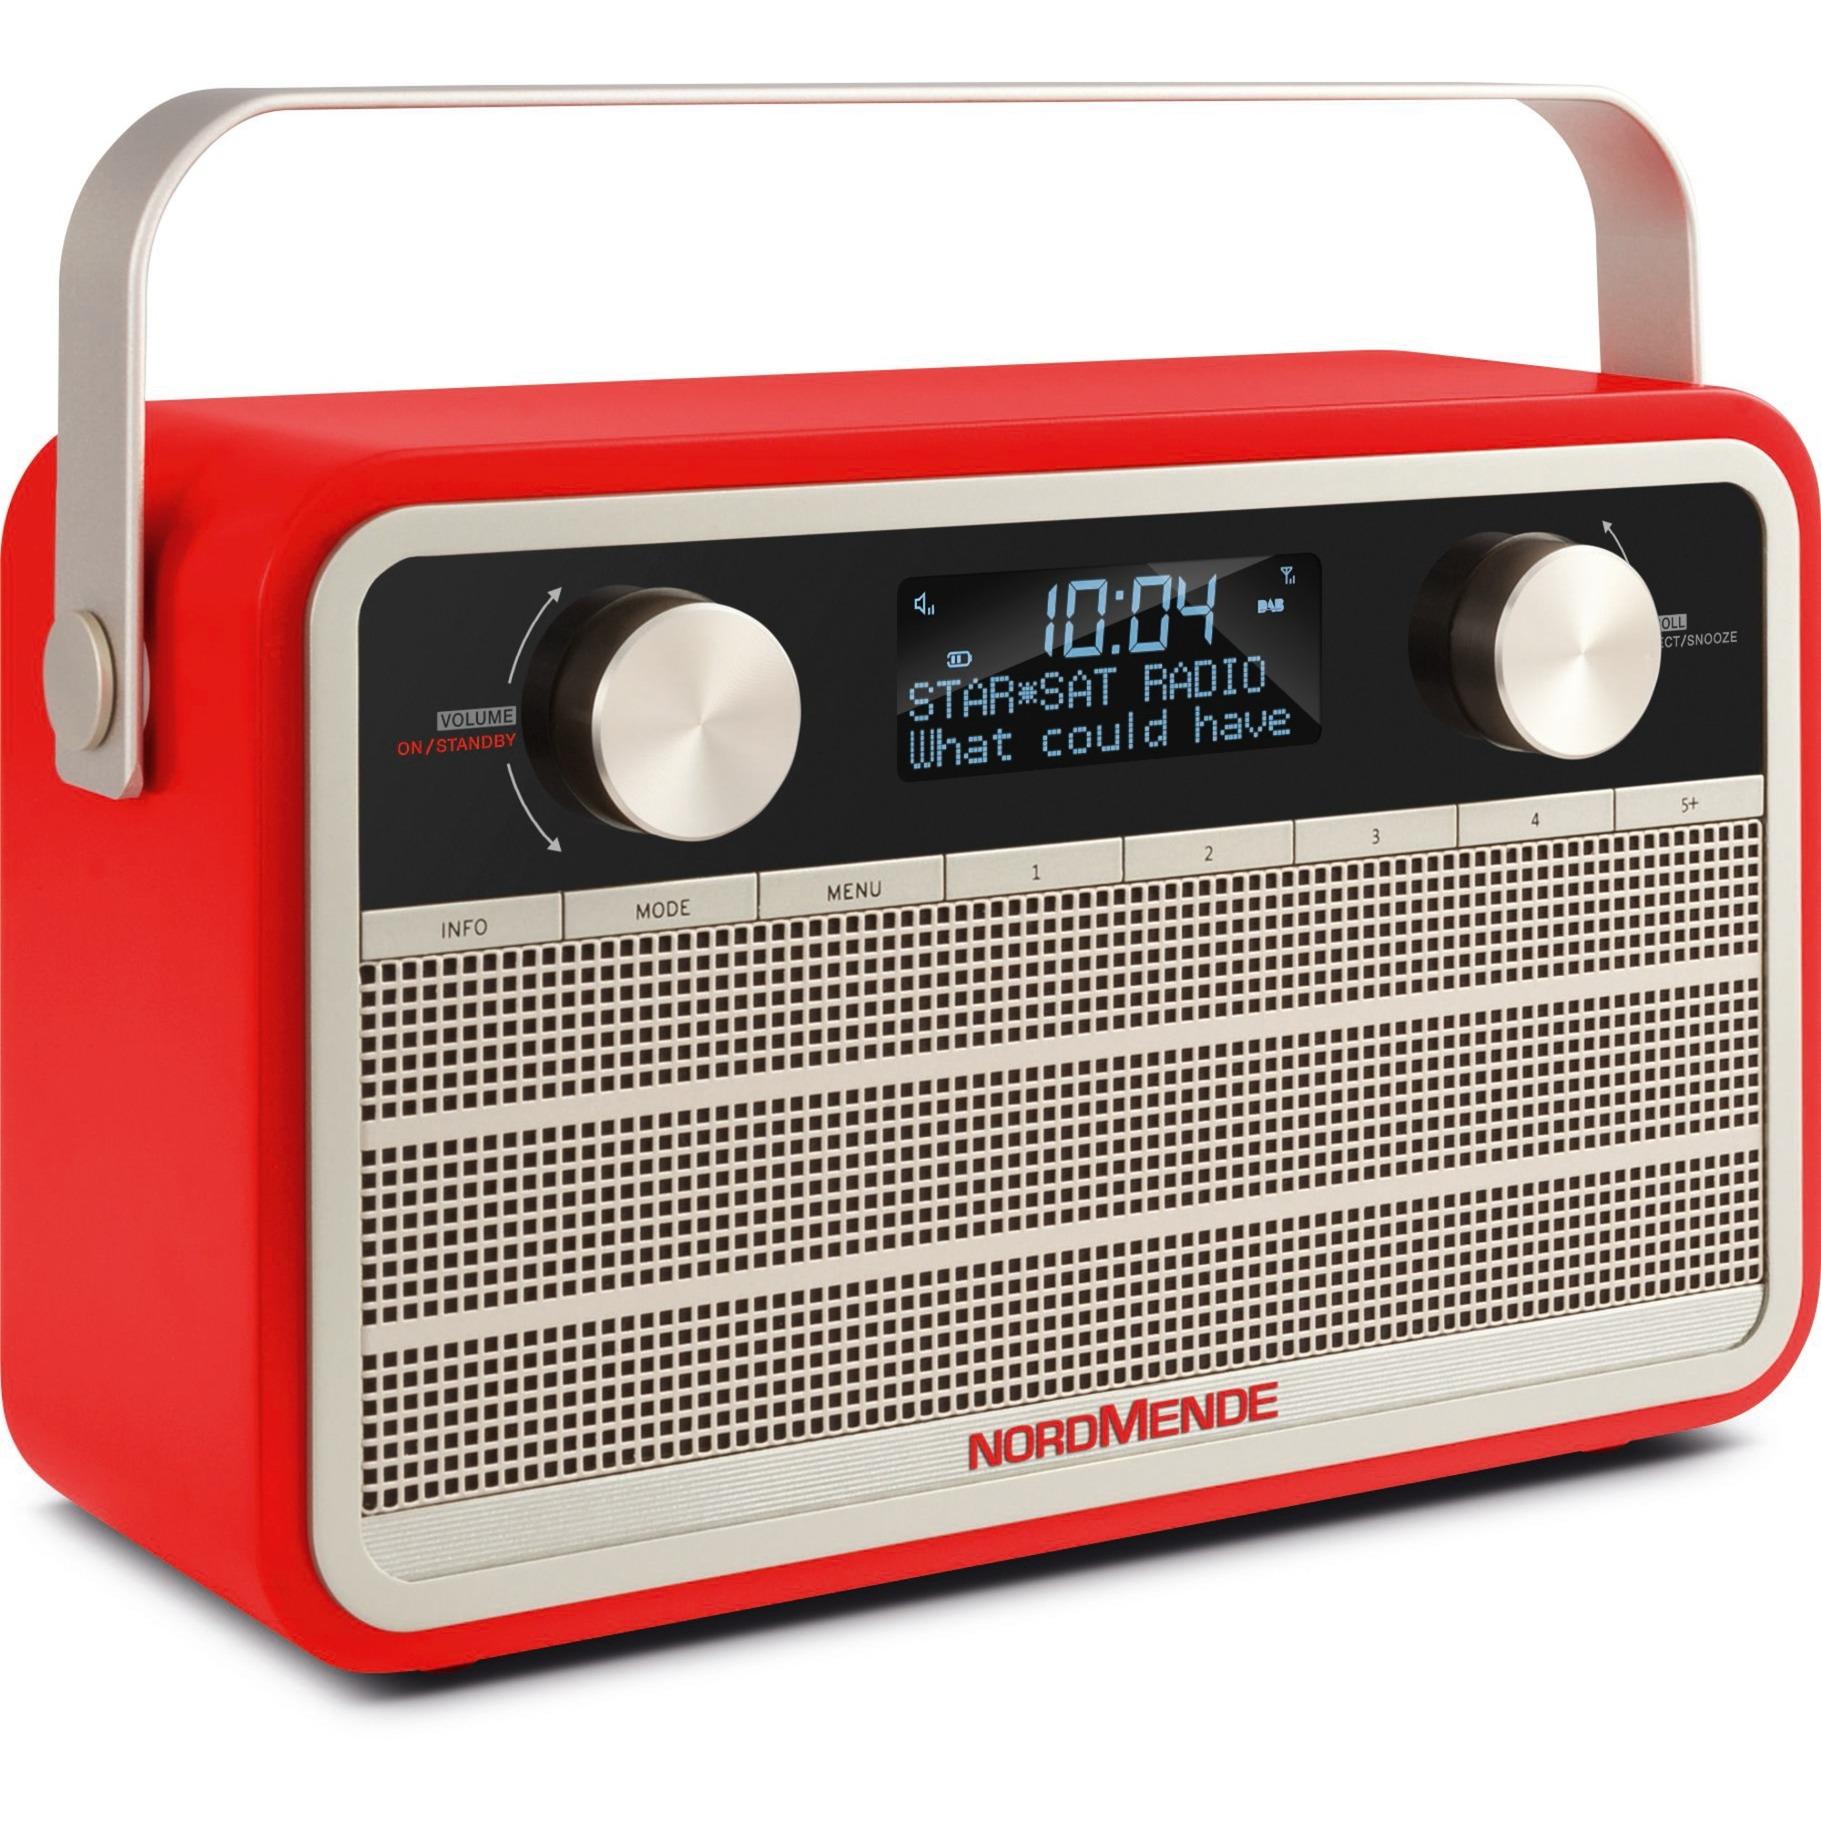 78-3001-00, Radio